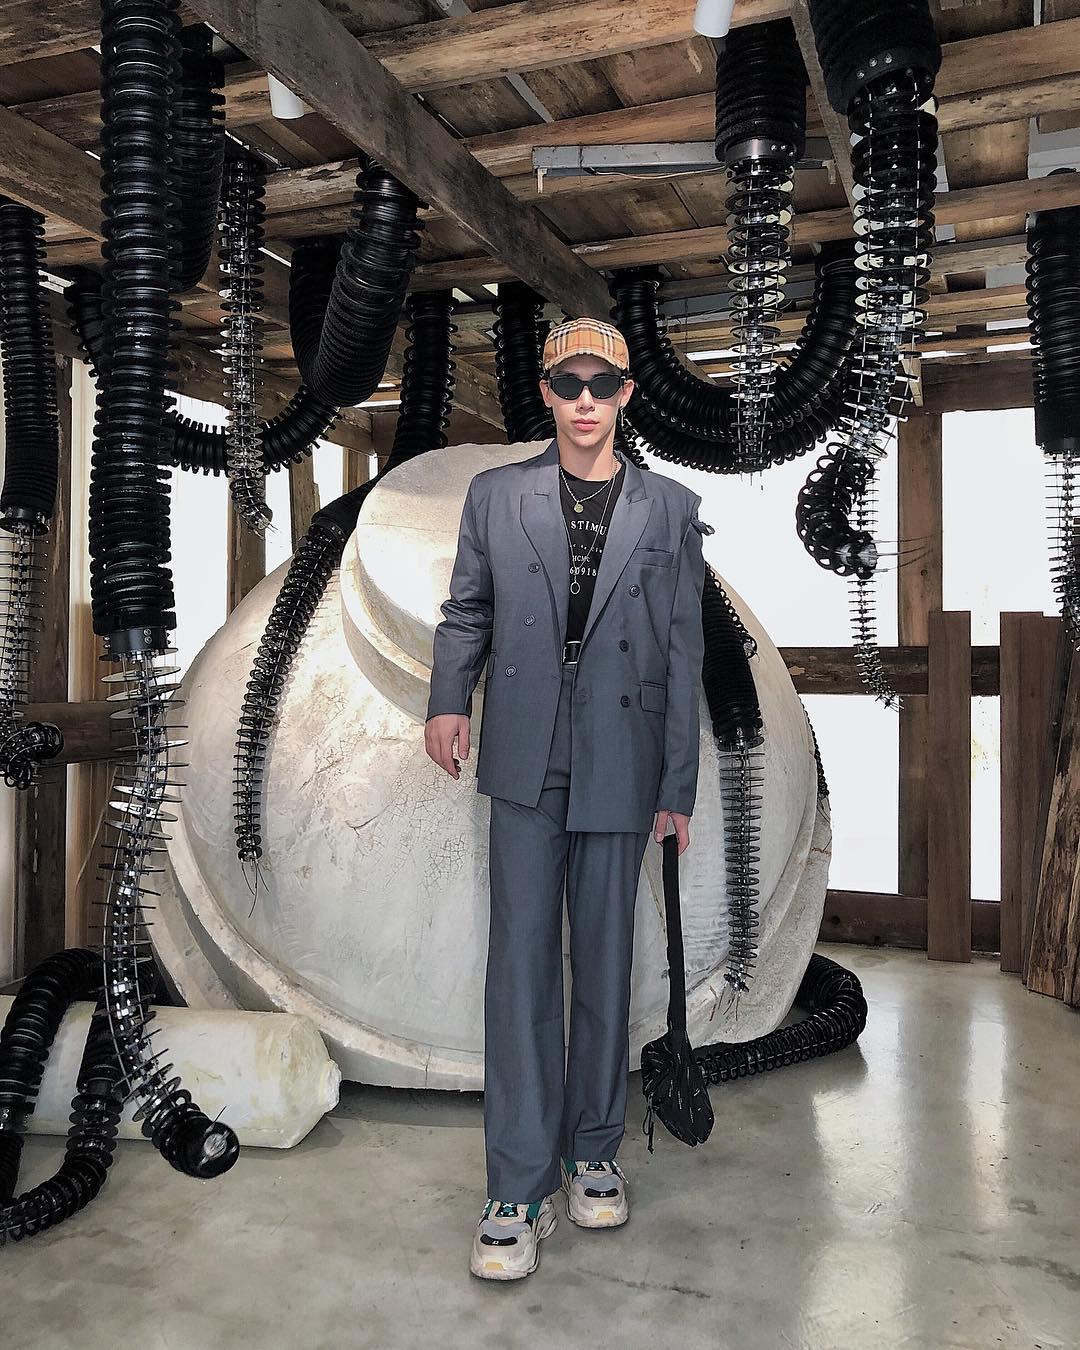 Lần đầu tiên xuất hiện trong danh sách thời trang sao nam nổi bật của ELLE Man, Erik vẫn tạo được phong cách riêng với sự pha lẫn độc đáo giữa suit và văn hóa streetwear. Ảnh: Instagram @erikthanh_